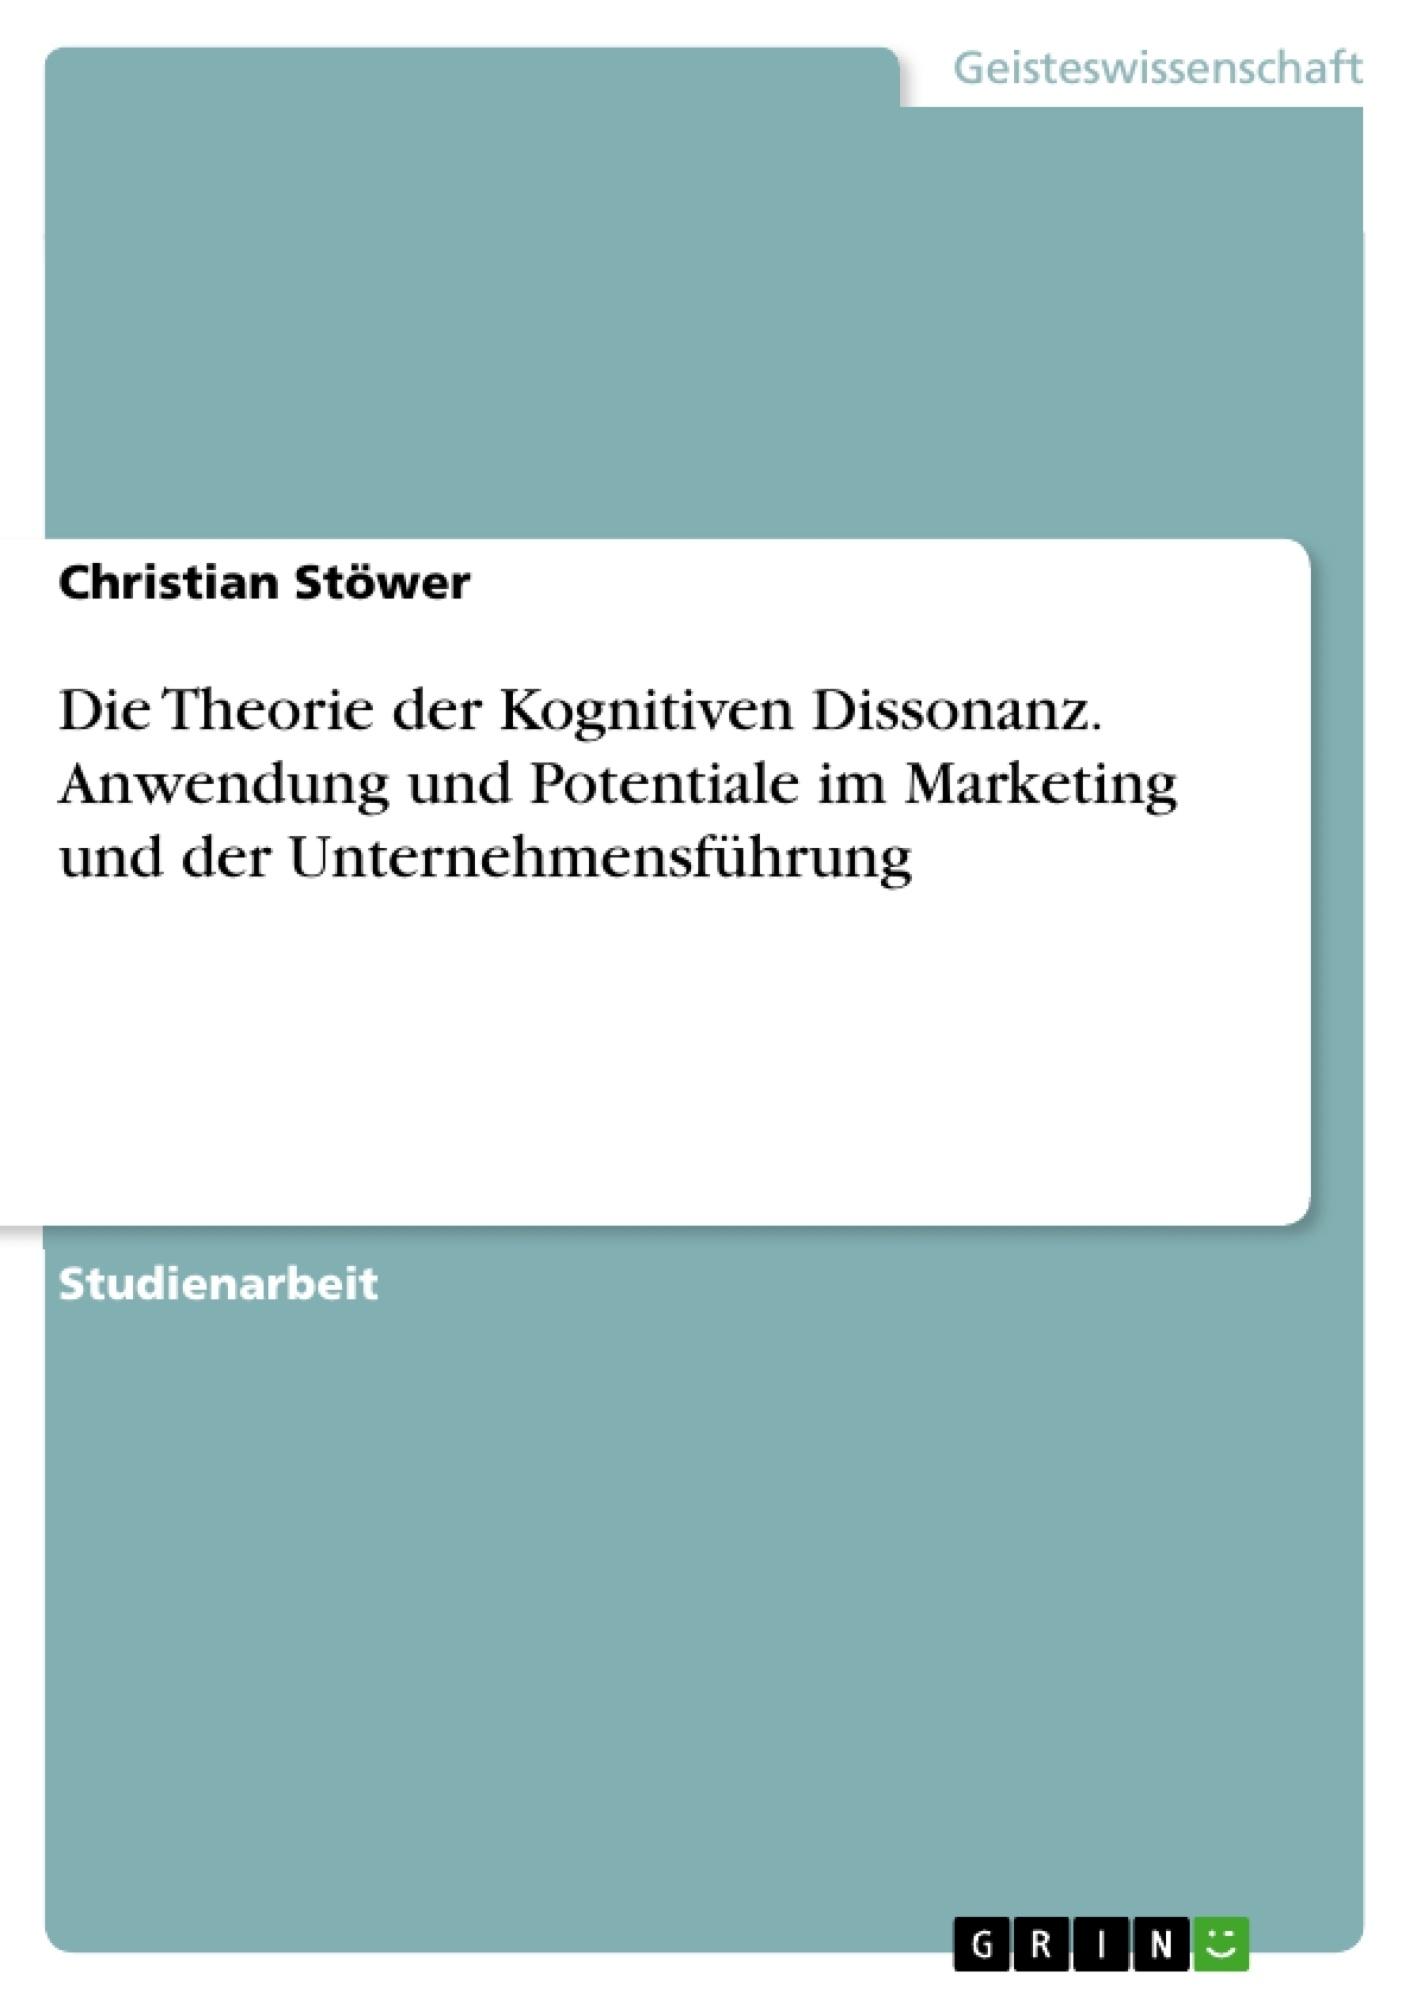 Titel: Die Theorie der Kognitiven Dissonanz. Anwendung und Potentiale im Marketing und der Unternehmensführung